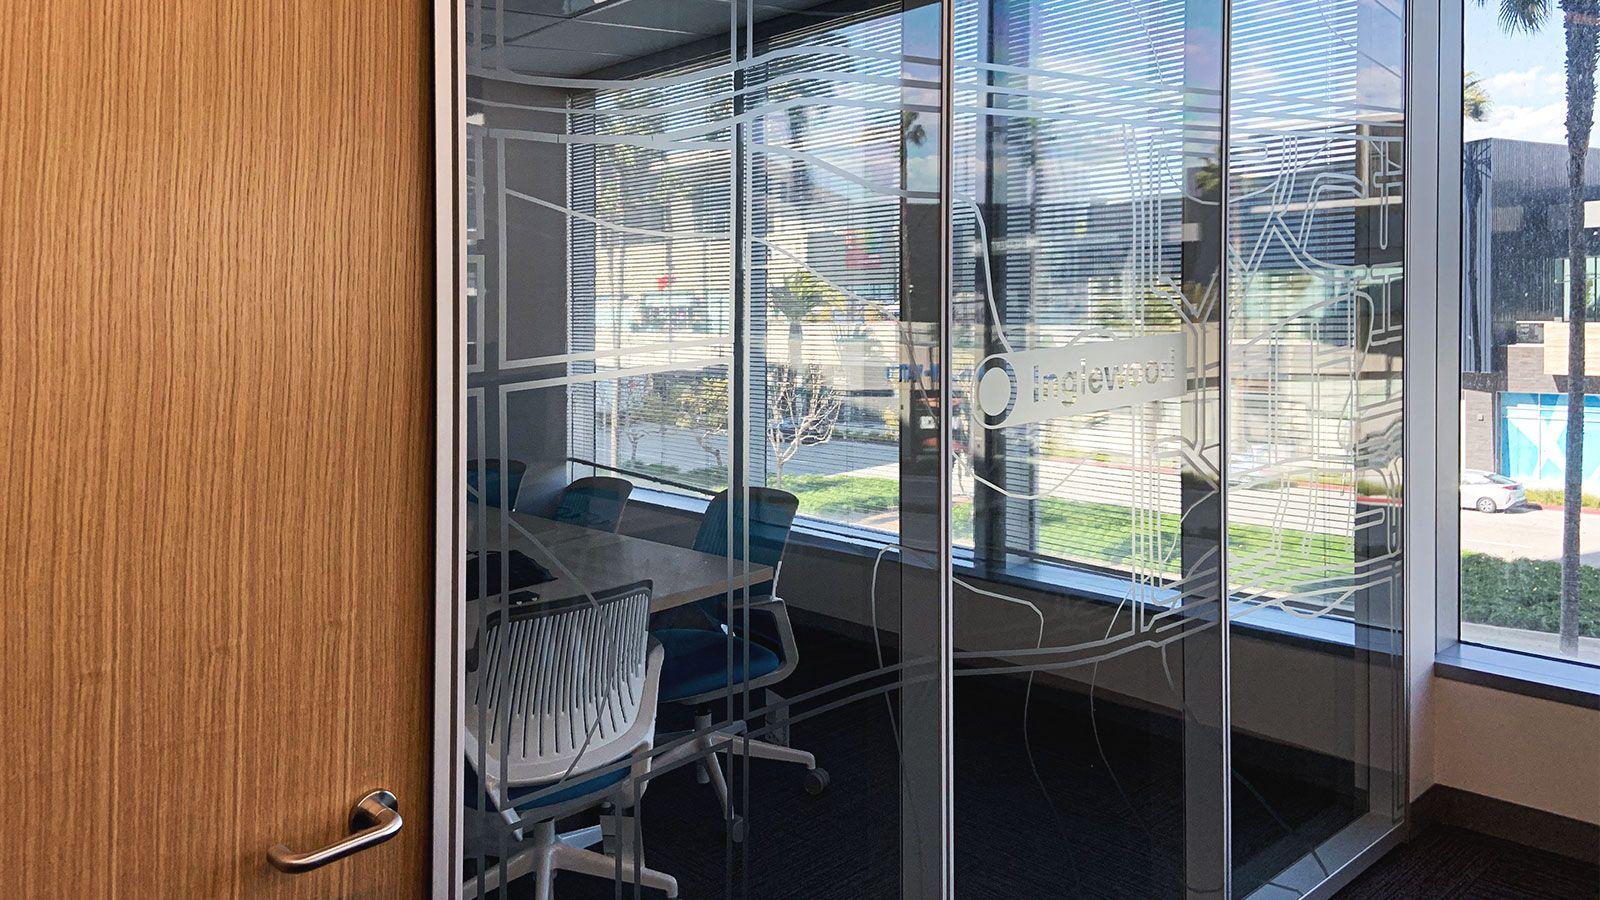 meeting room window decals